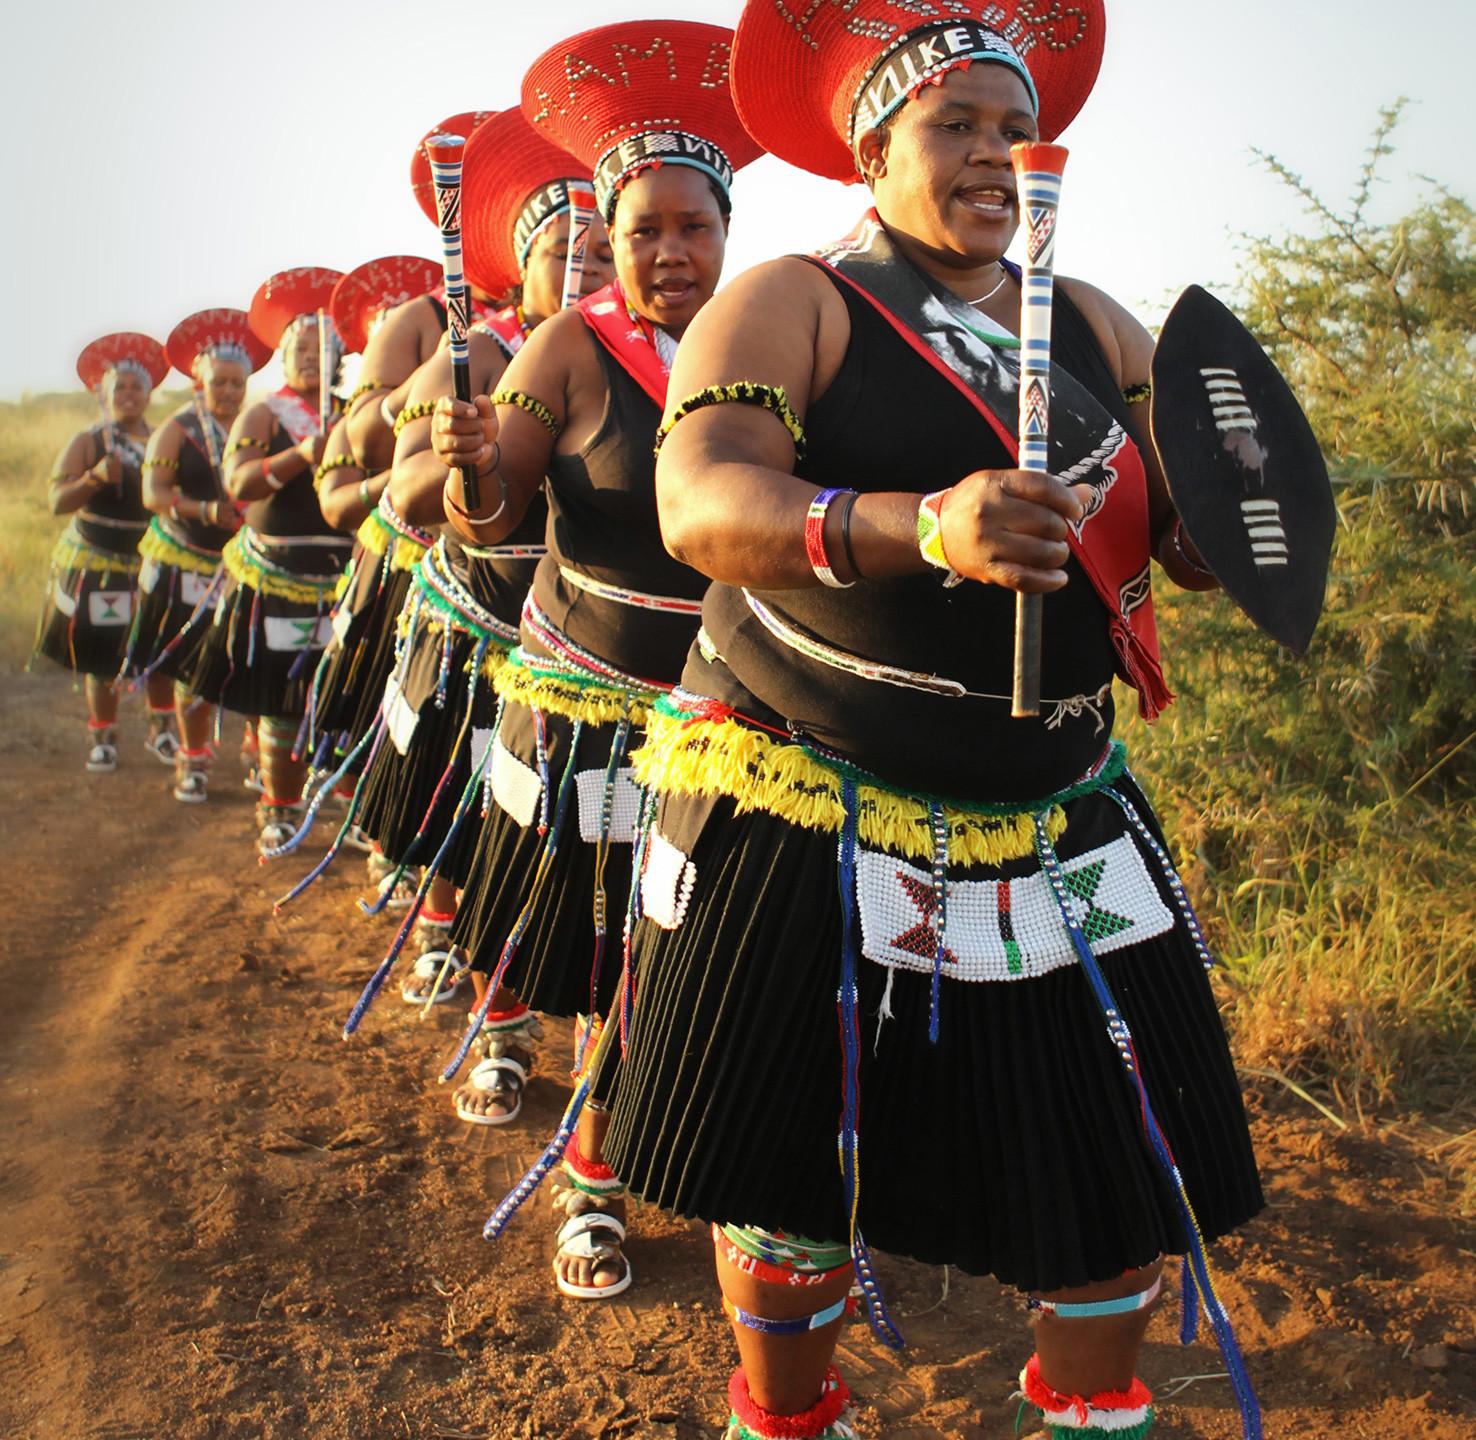 Thanda_Zulu_Culture_web